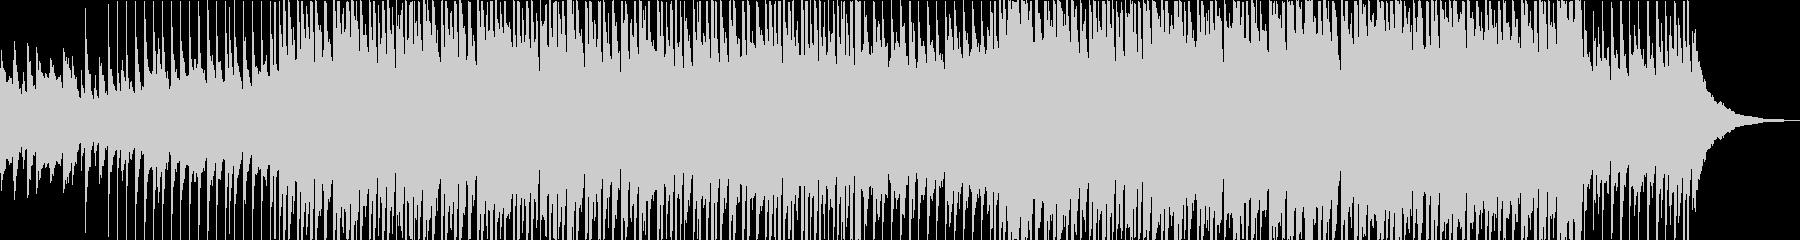 マリンバの可愛いアコースティックポップの未再生の波形